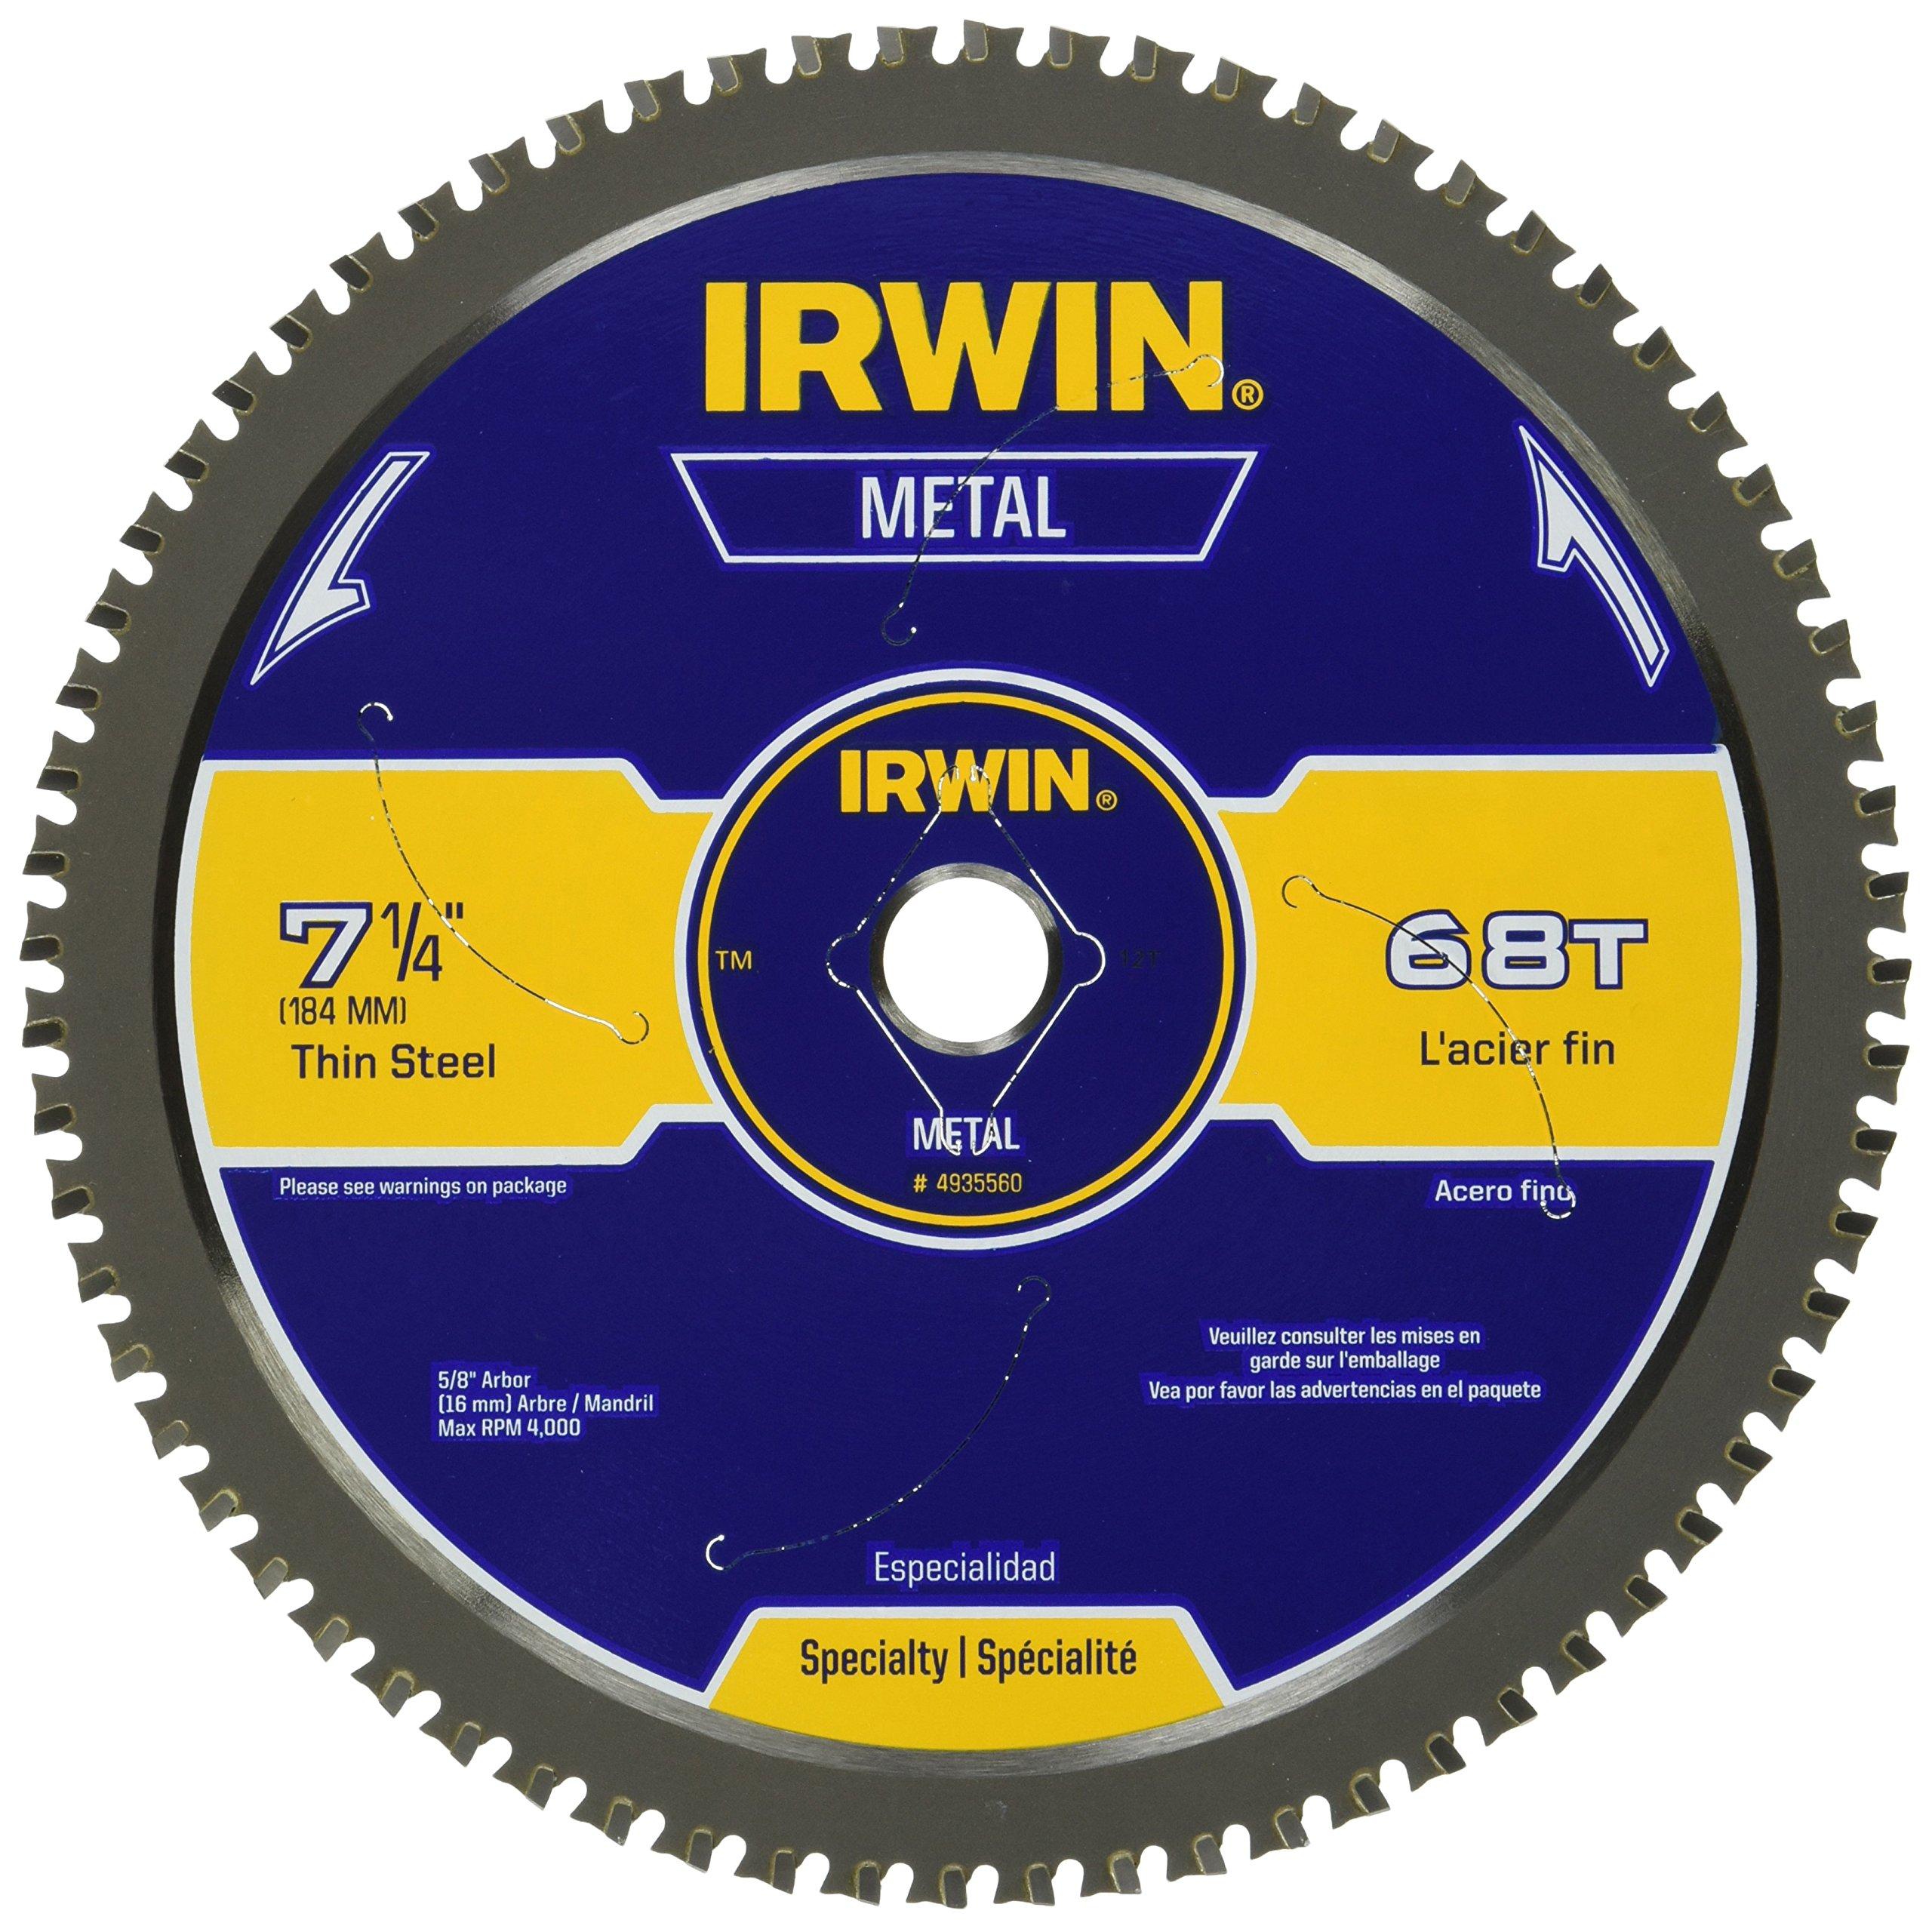 IRWIN Metal-Cutting Circular Saw Blade, 7-1/4'', 68T, 4935560 by IRWIN